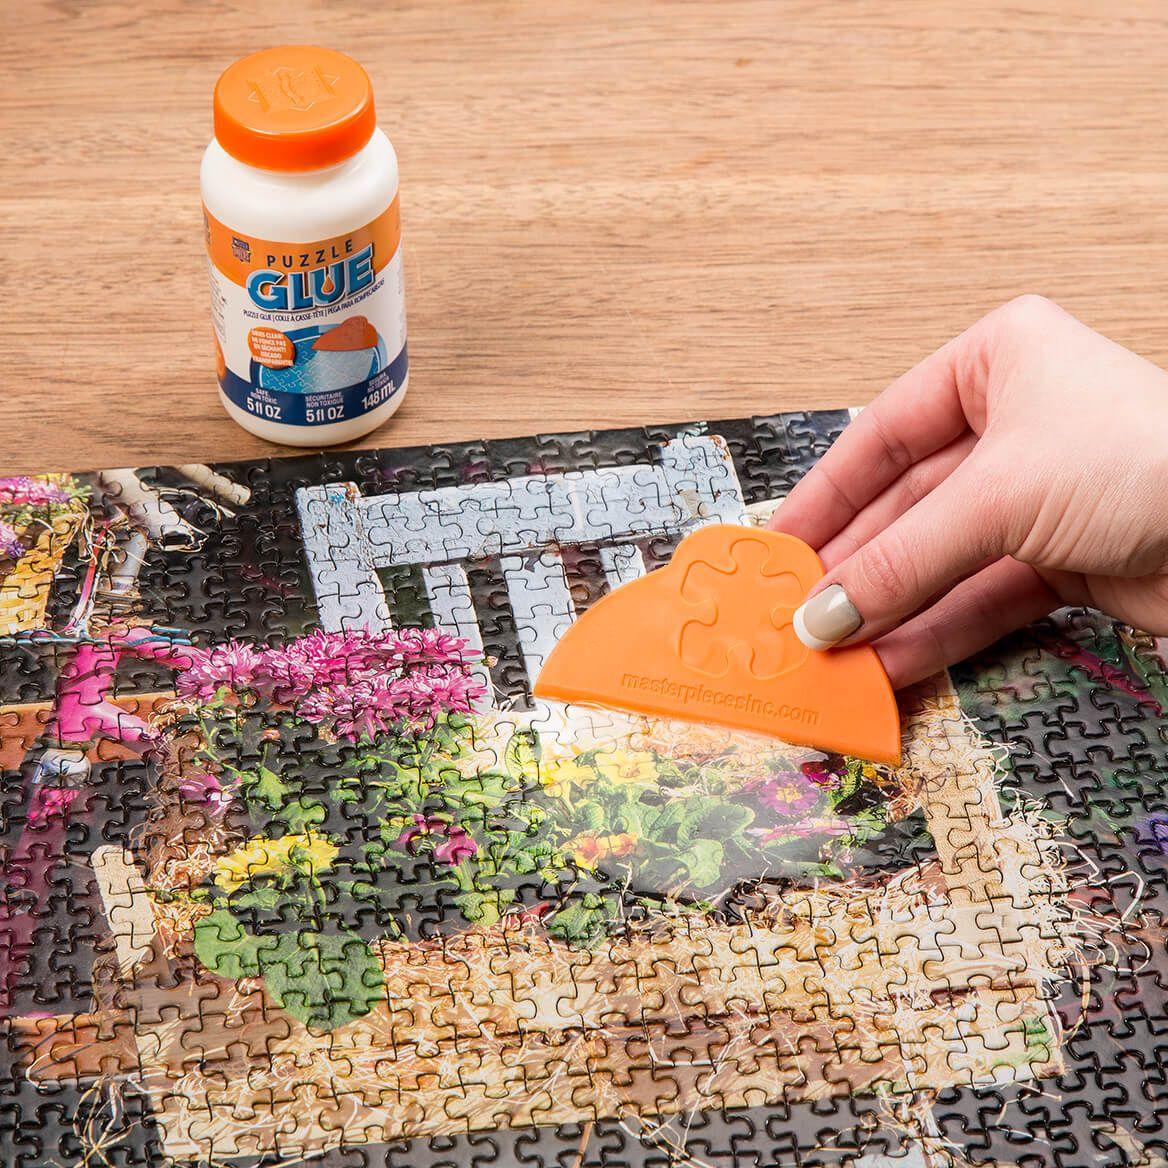 Puzzle Glue 5 oz. with Spreader-368507